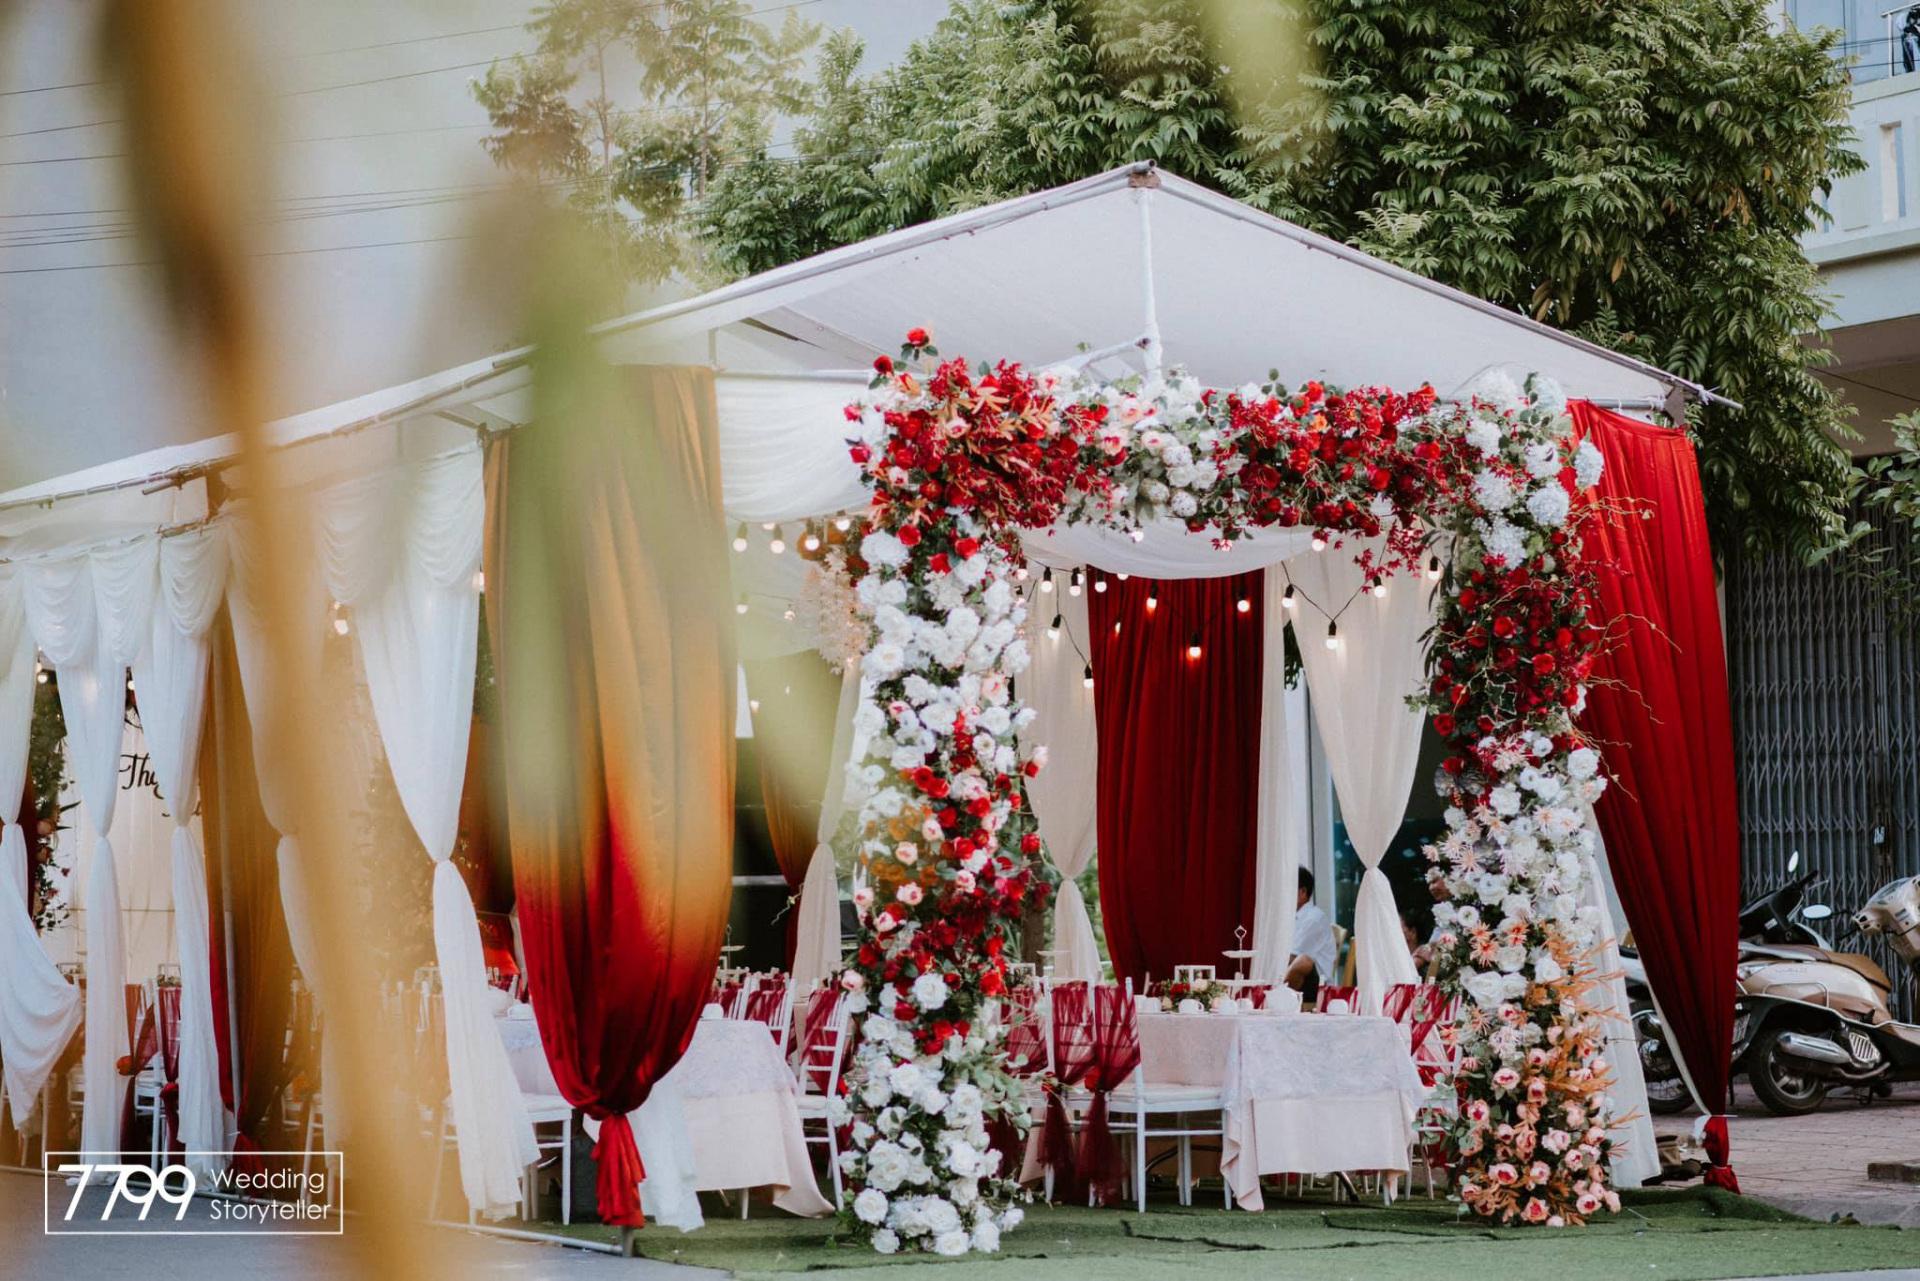 Dịch vụ trang trí đám cưới tại nhà Hà Nội